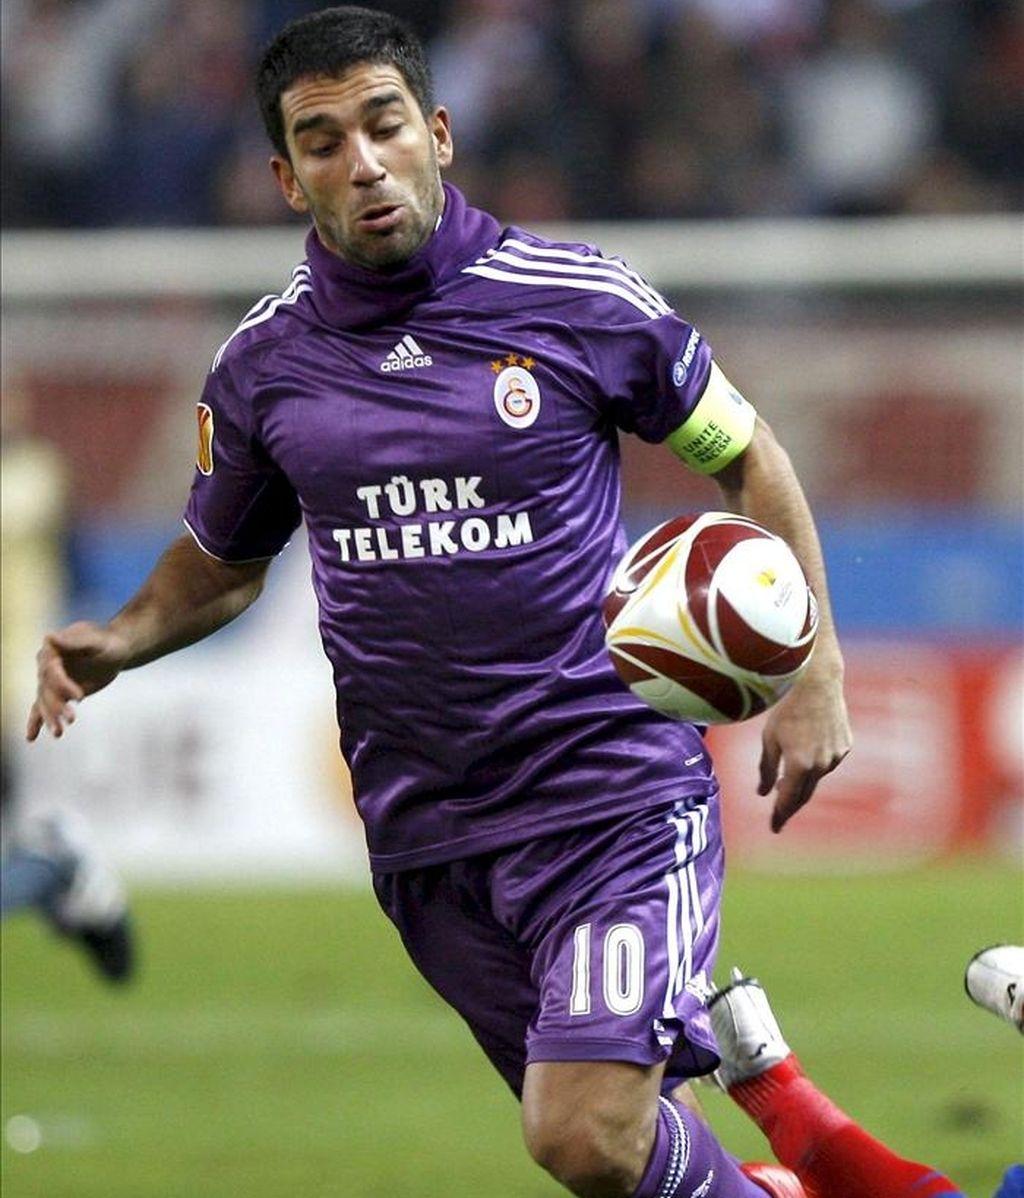 El centrocampista del Galatasaray, Arda Turan. EFE/Archivo